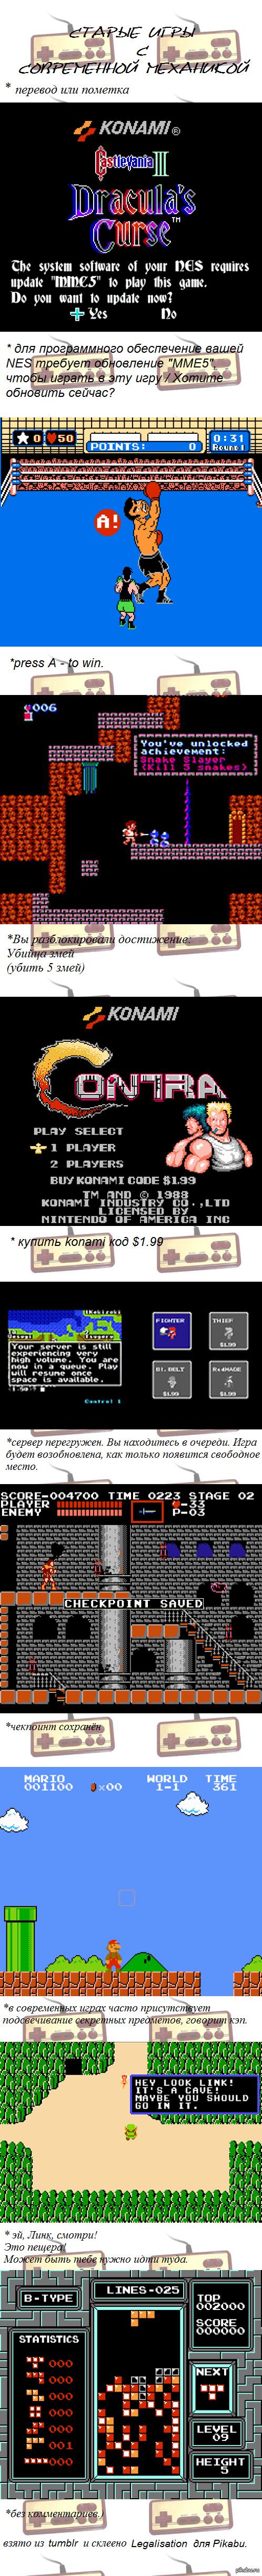 """Старые игры с современной механикой. (длиннопост) Спёр картинки из tumblr, склеил и перевёл я.  Так как с английским на """"вы"""", переводил через переводчик Google."""